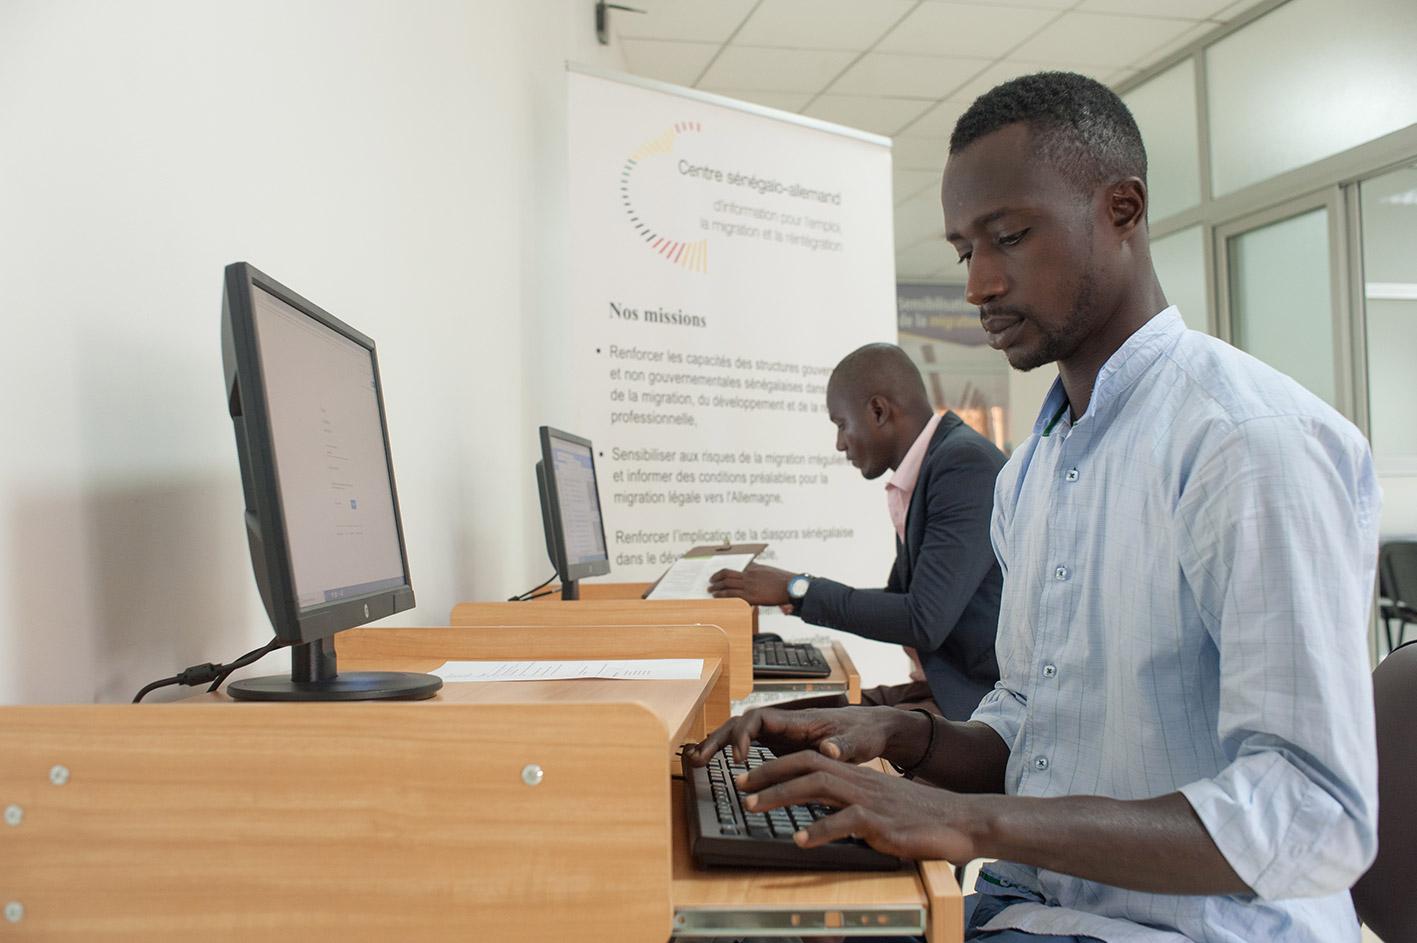 Фотография из консультационного центра в Дакаре, Сенегал